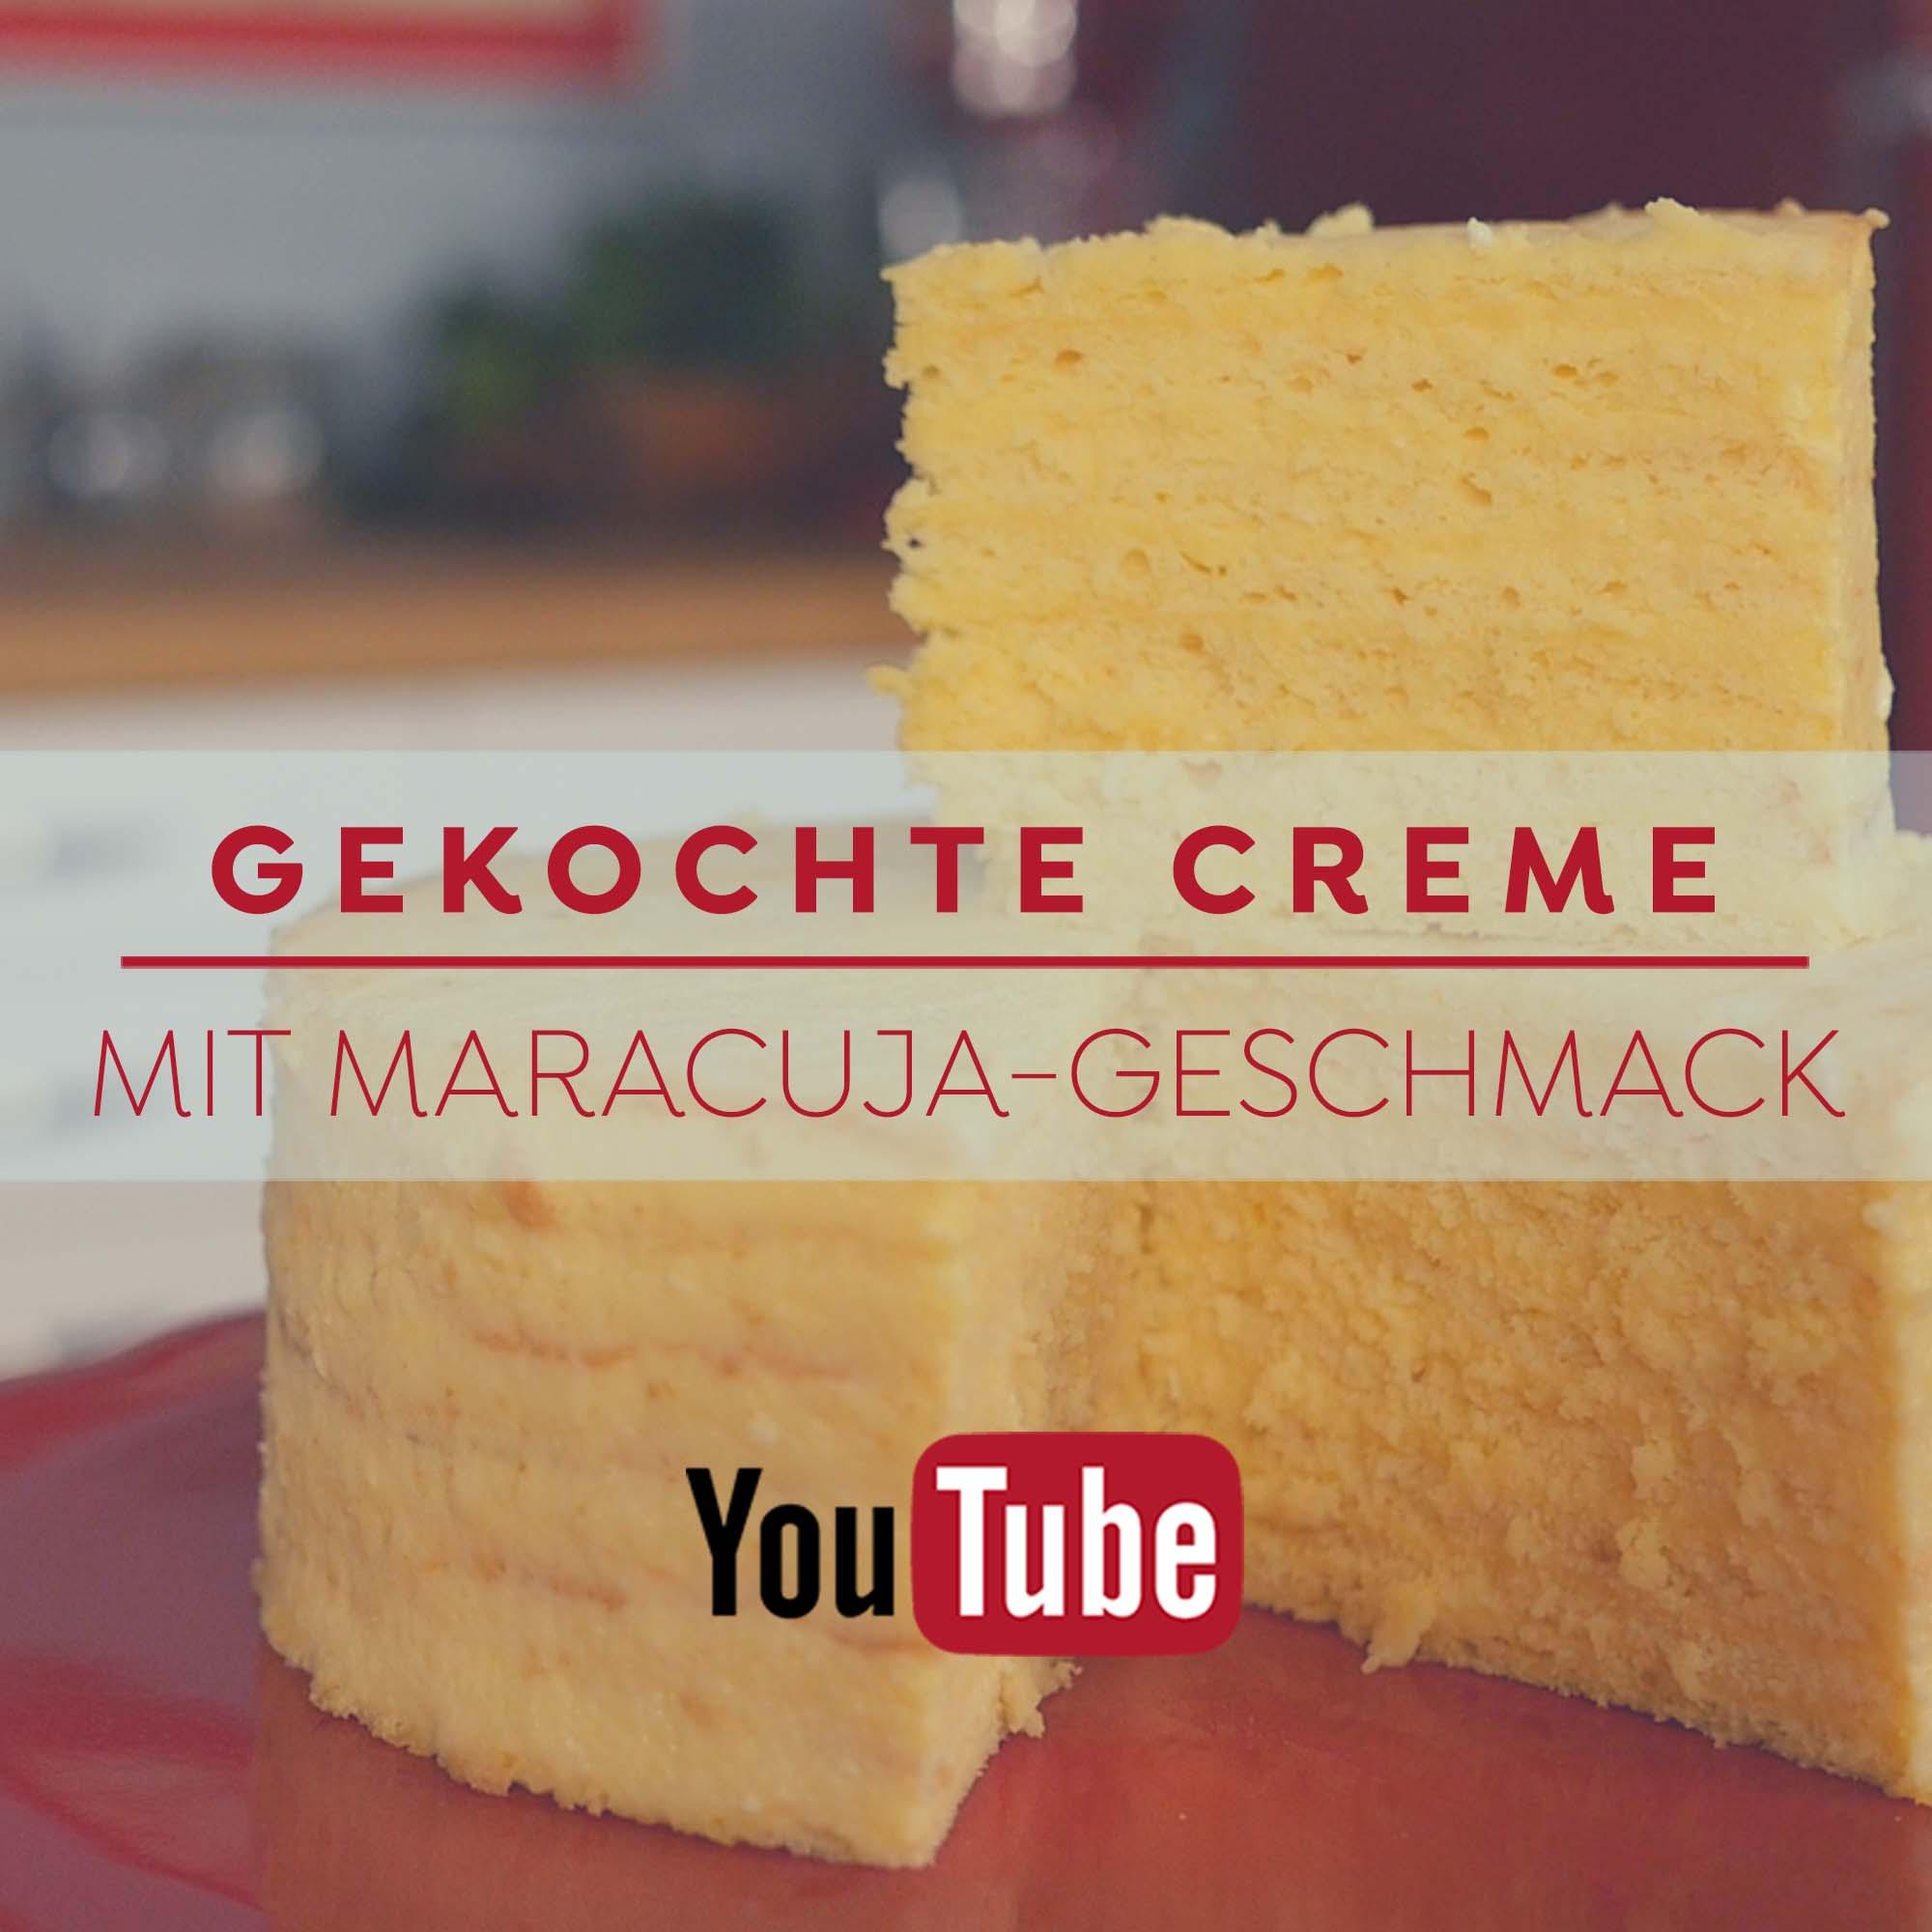 Gekochte Creme - Maracuja Geschmack - Rezept und Anleitung auf Blog und YouTube